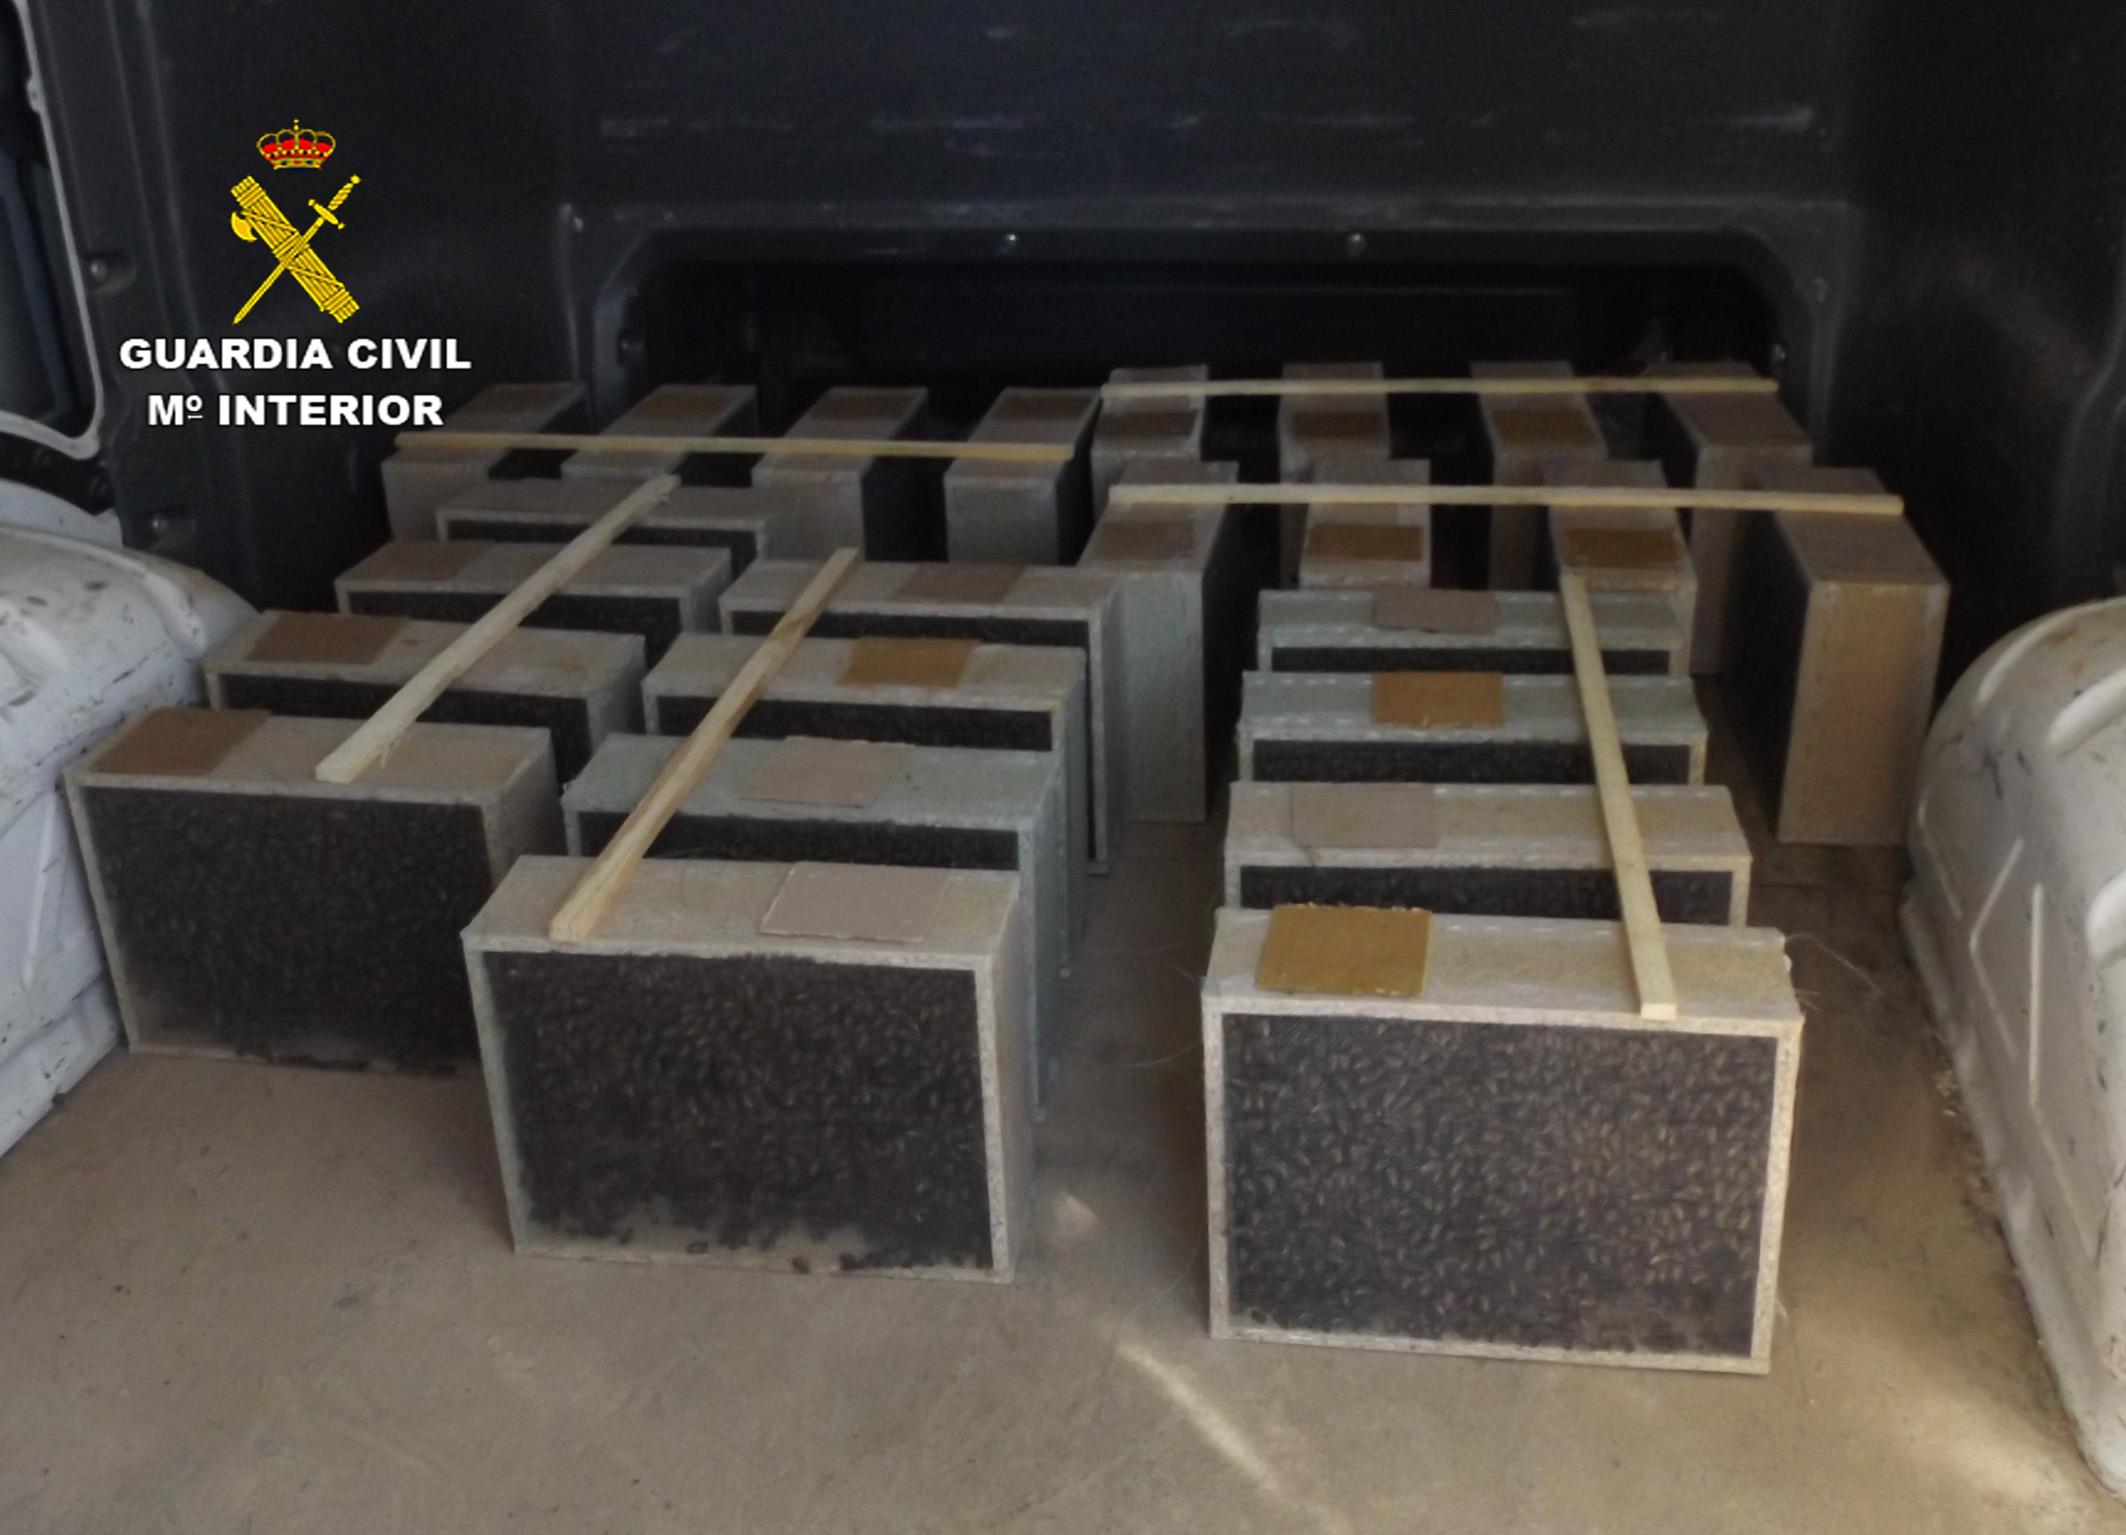 El autor introducía la población de abejas sustraída en numerosas cajas realizadas artesanalmente con madera y rejillas de ventilación. Imagen: Guardia Civil